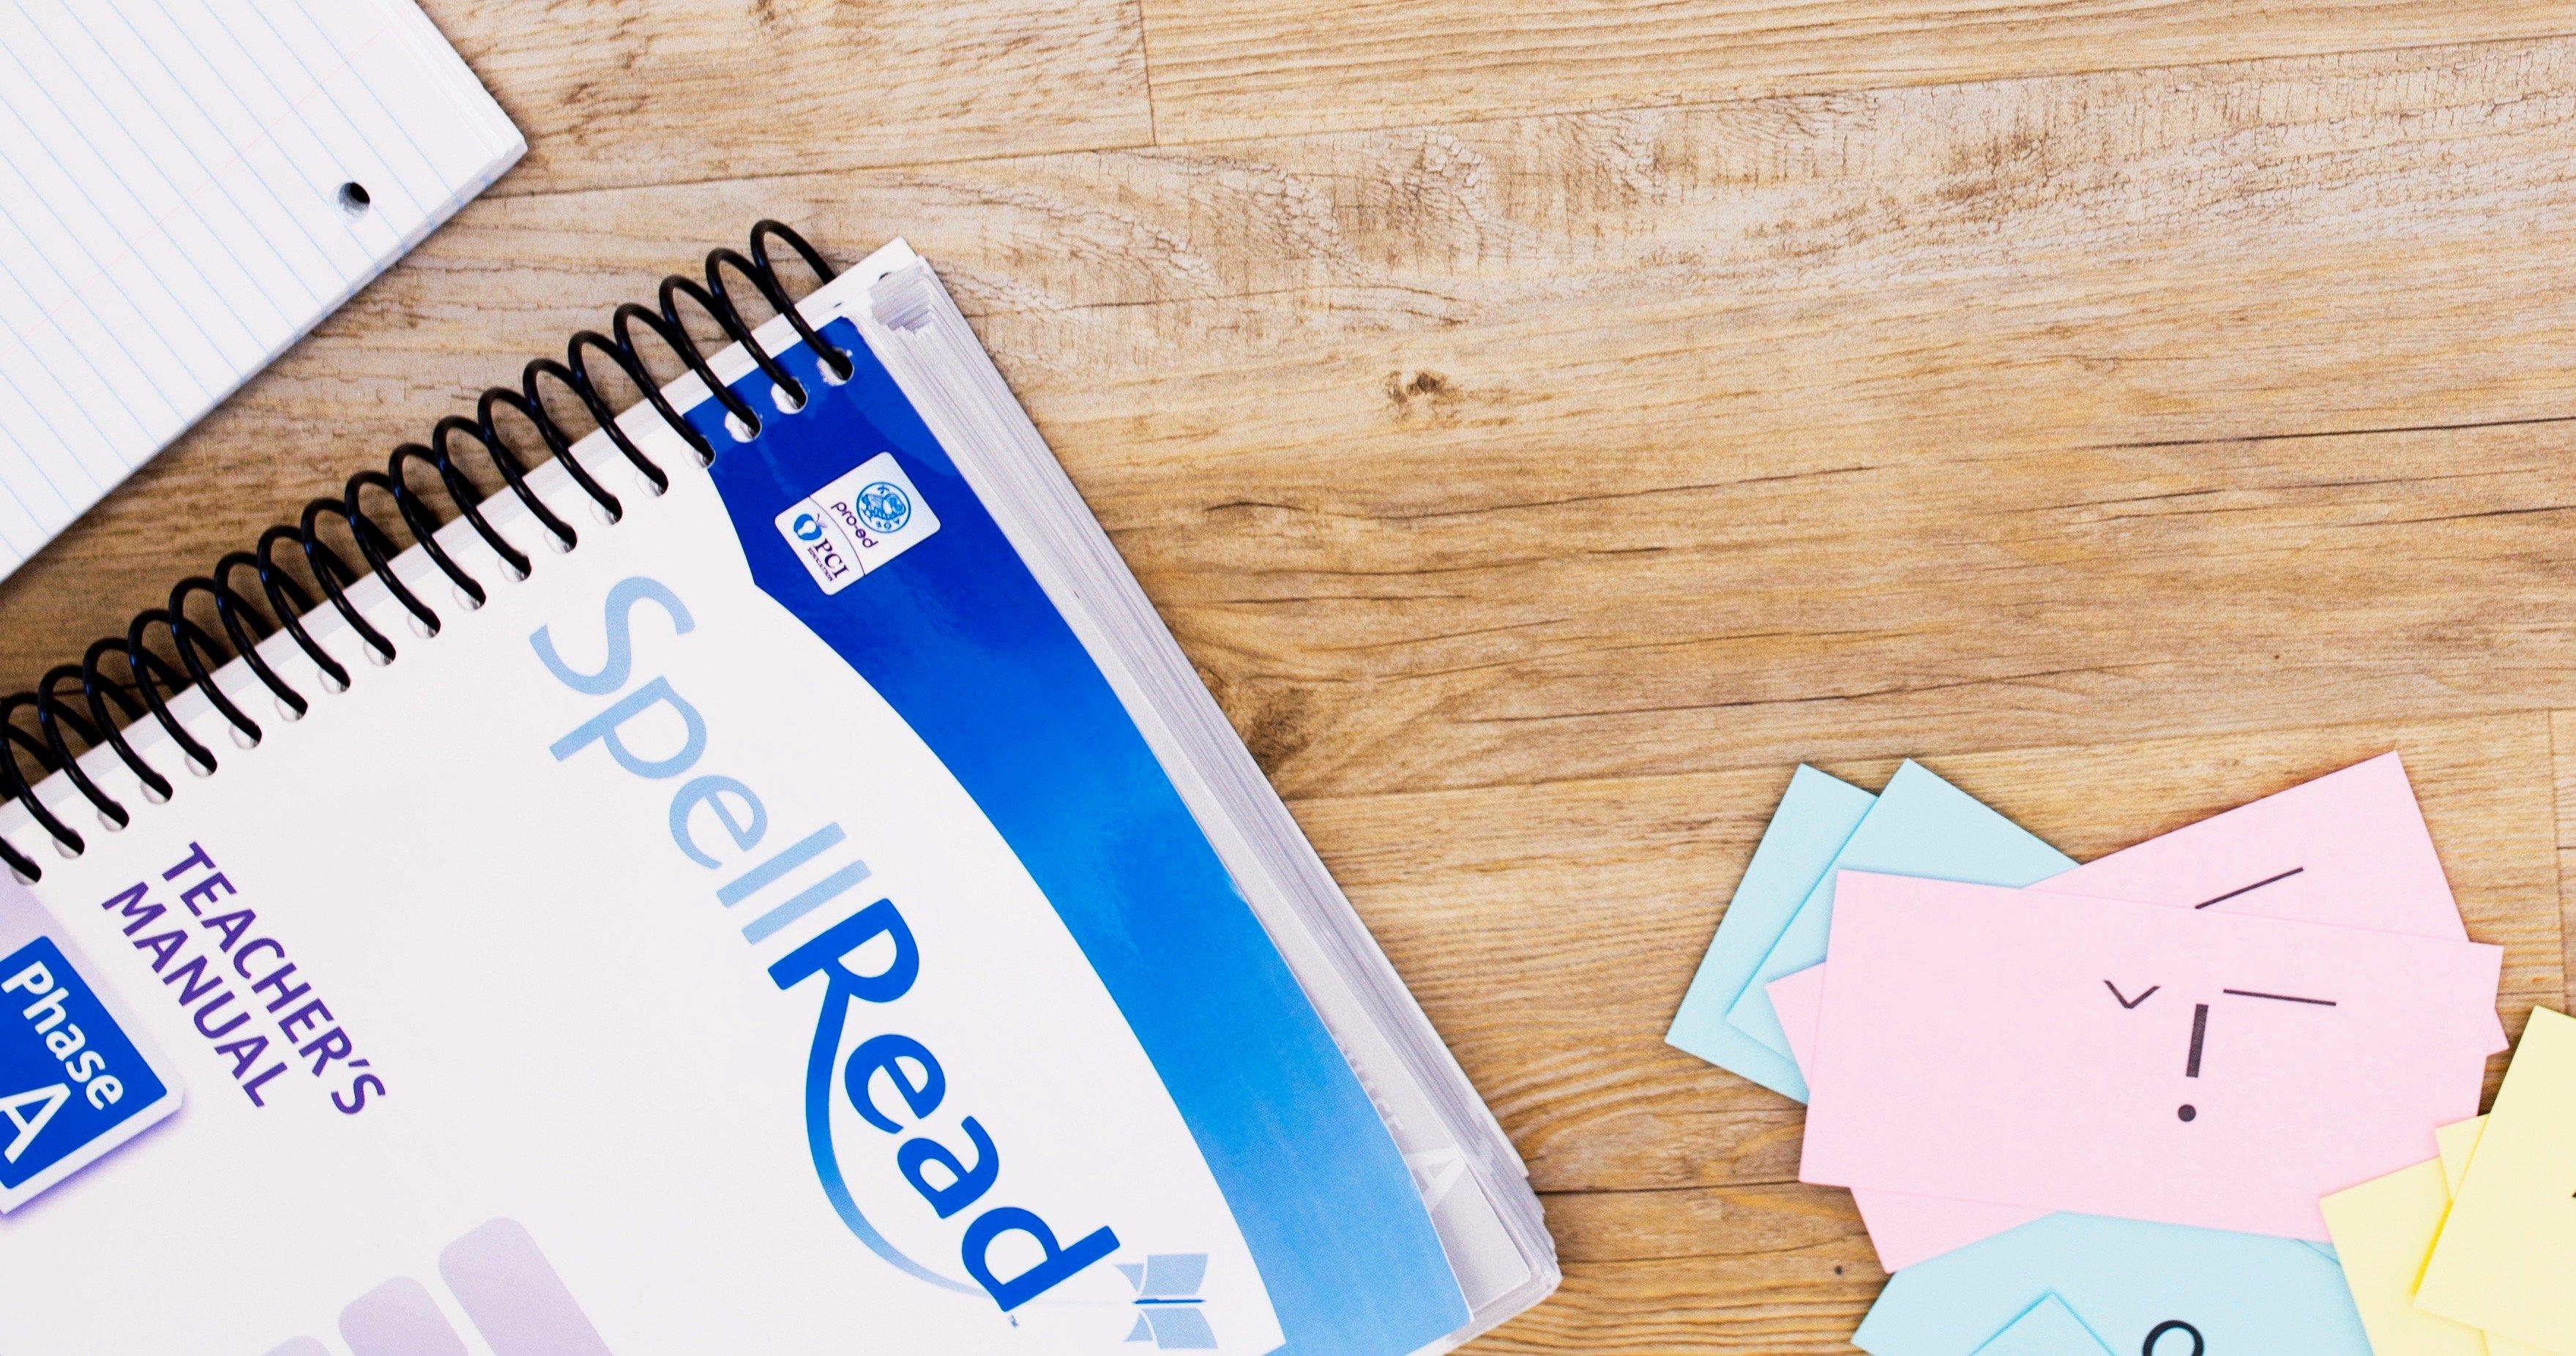 halifax learning spellread reading program tutor tutoring